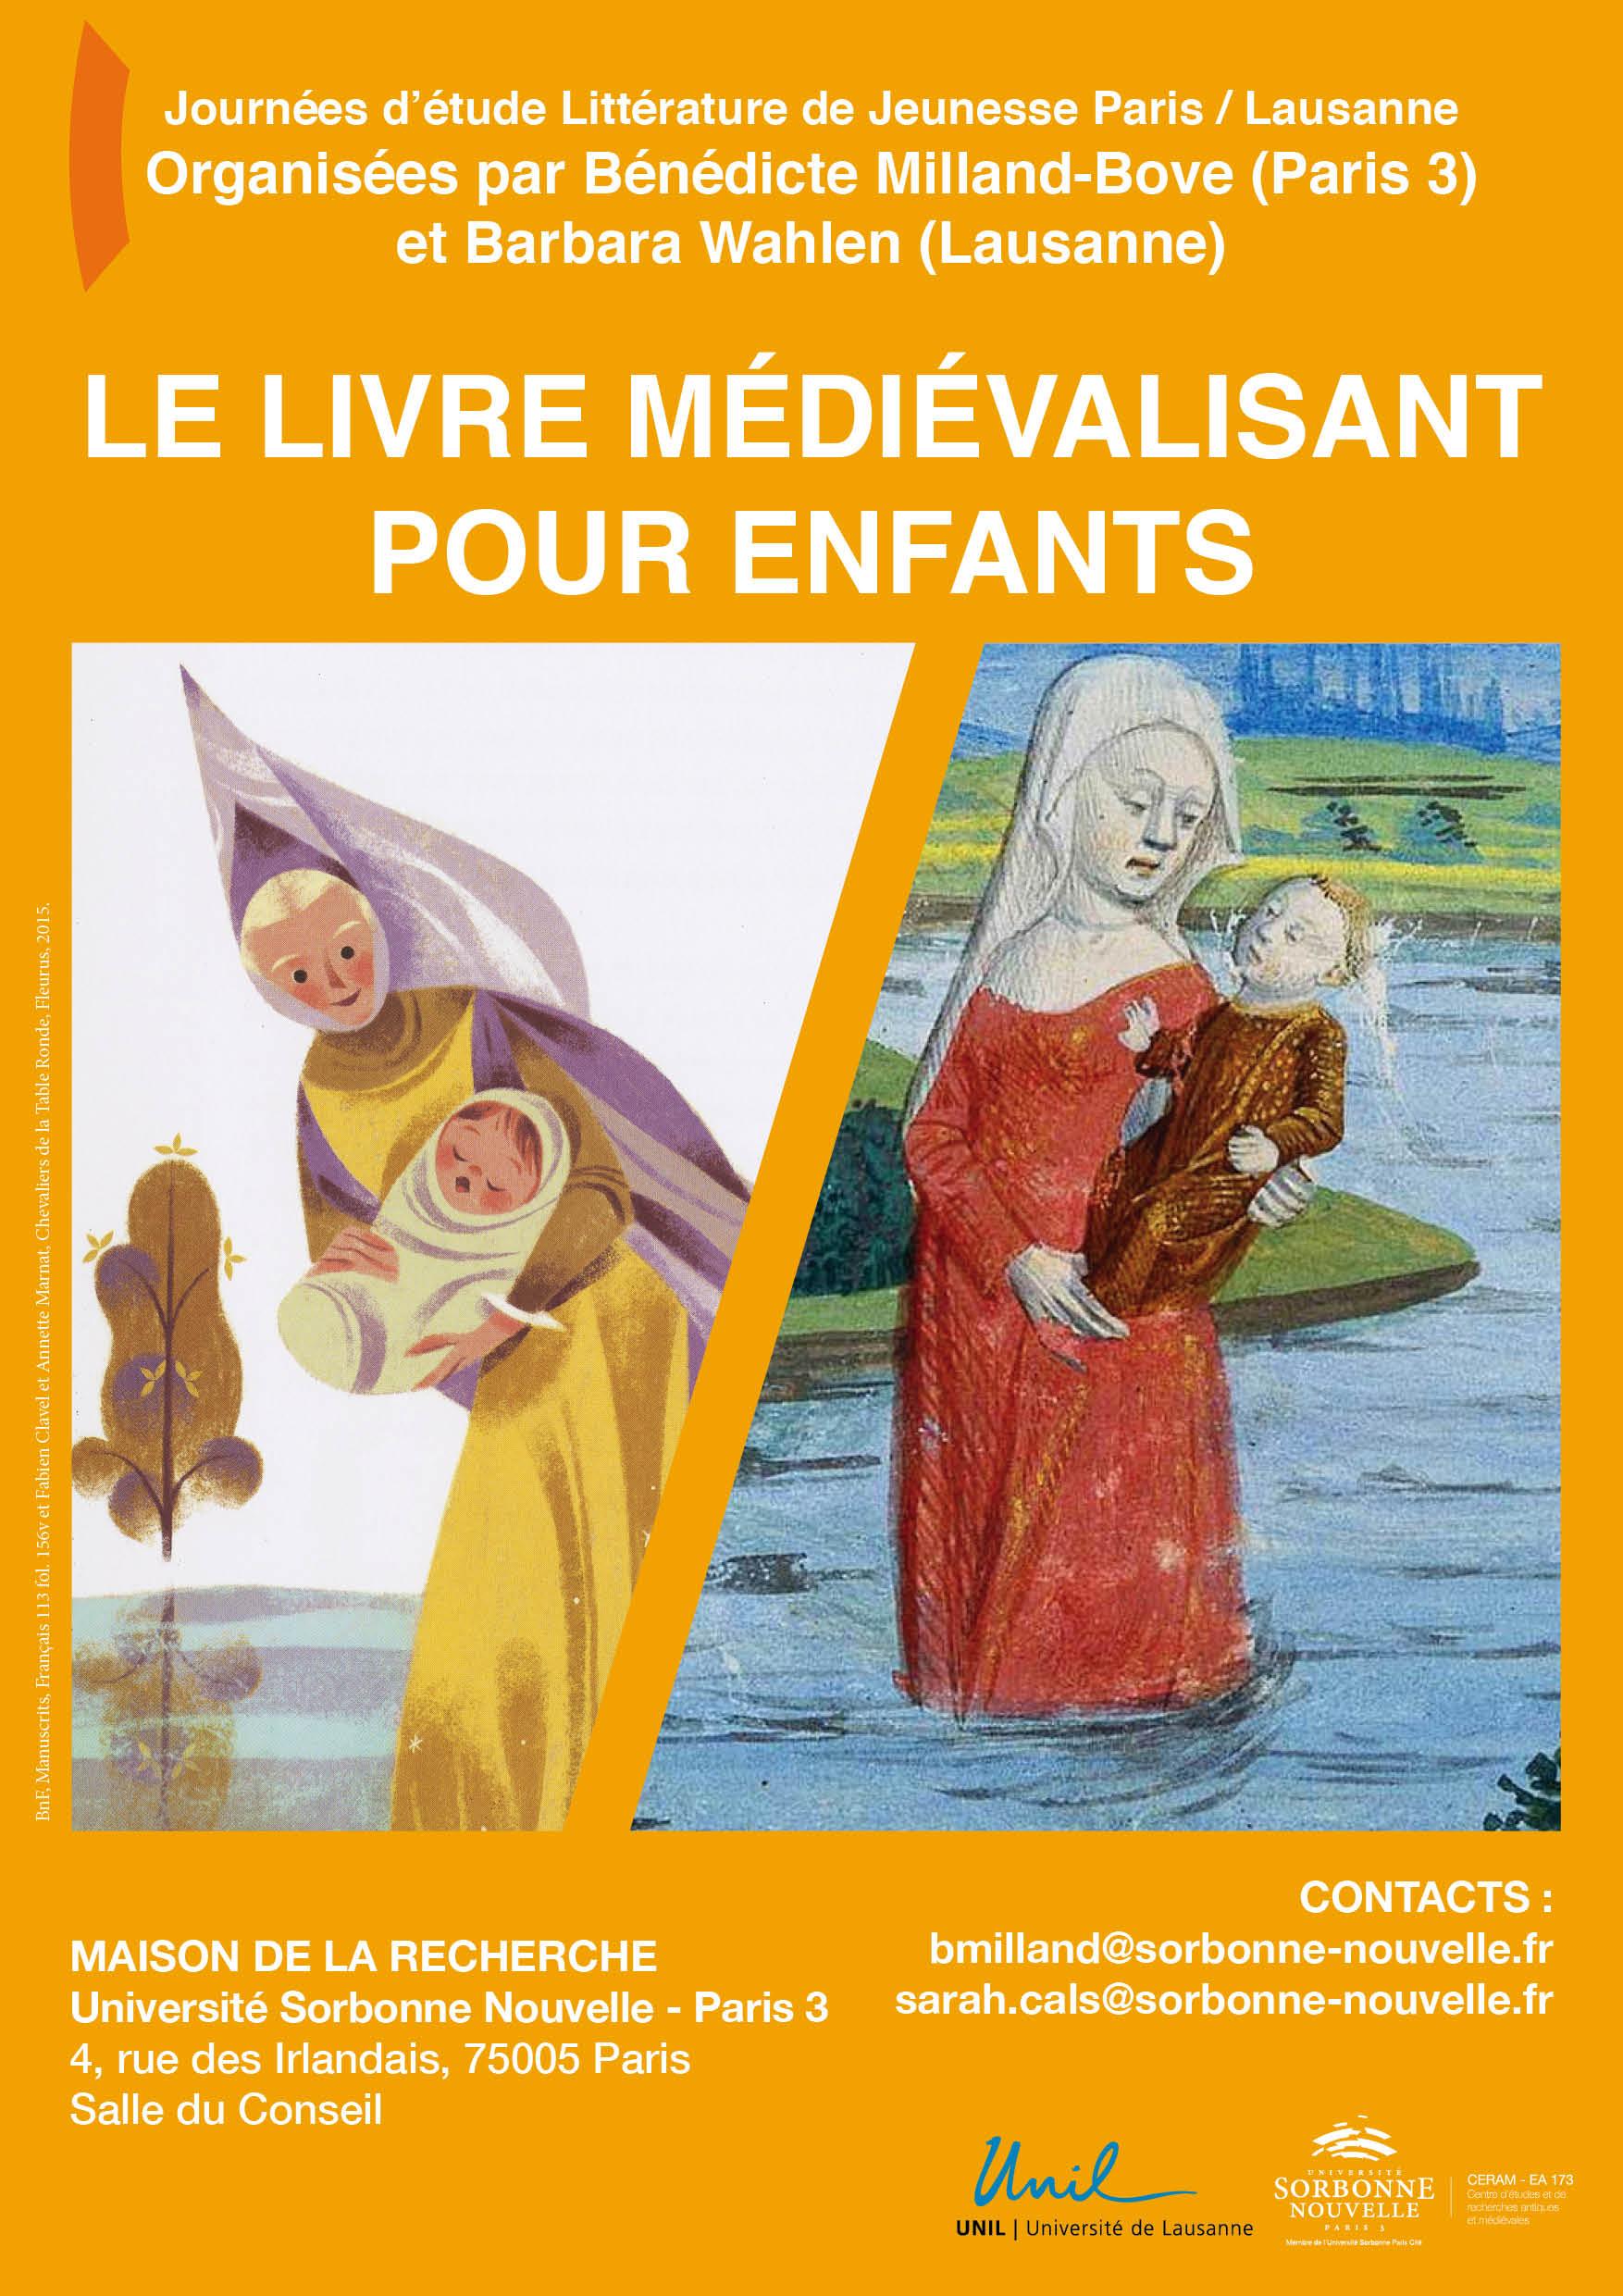 """Journée d'étude """"Le livre médiévalisant pour enfants"""""""